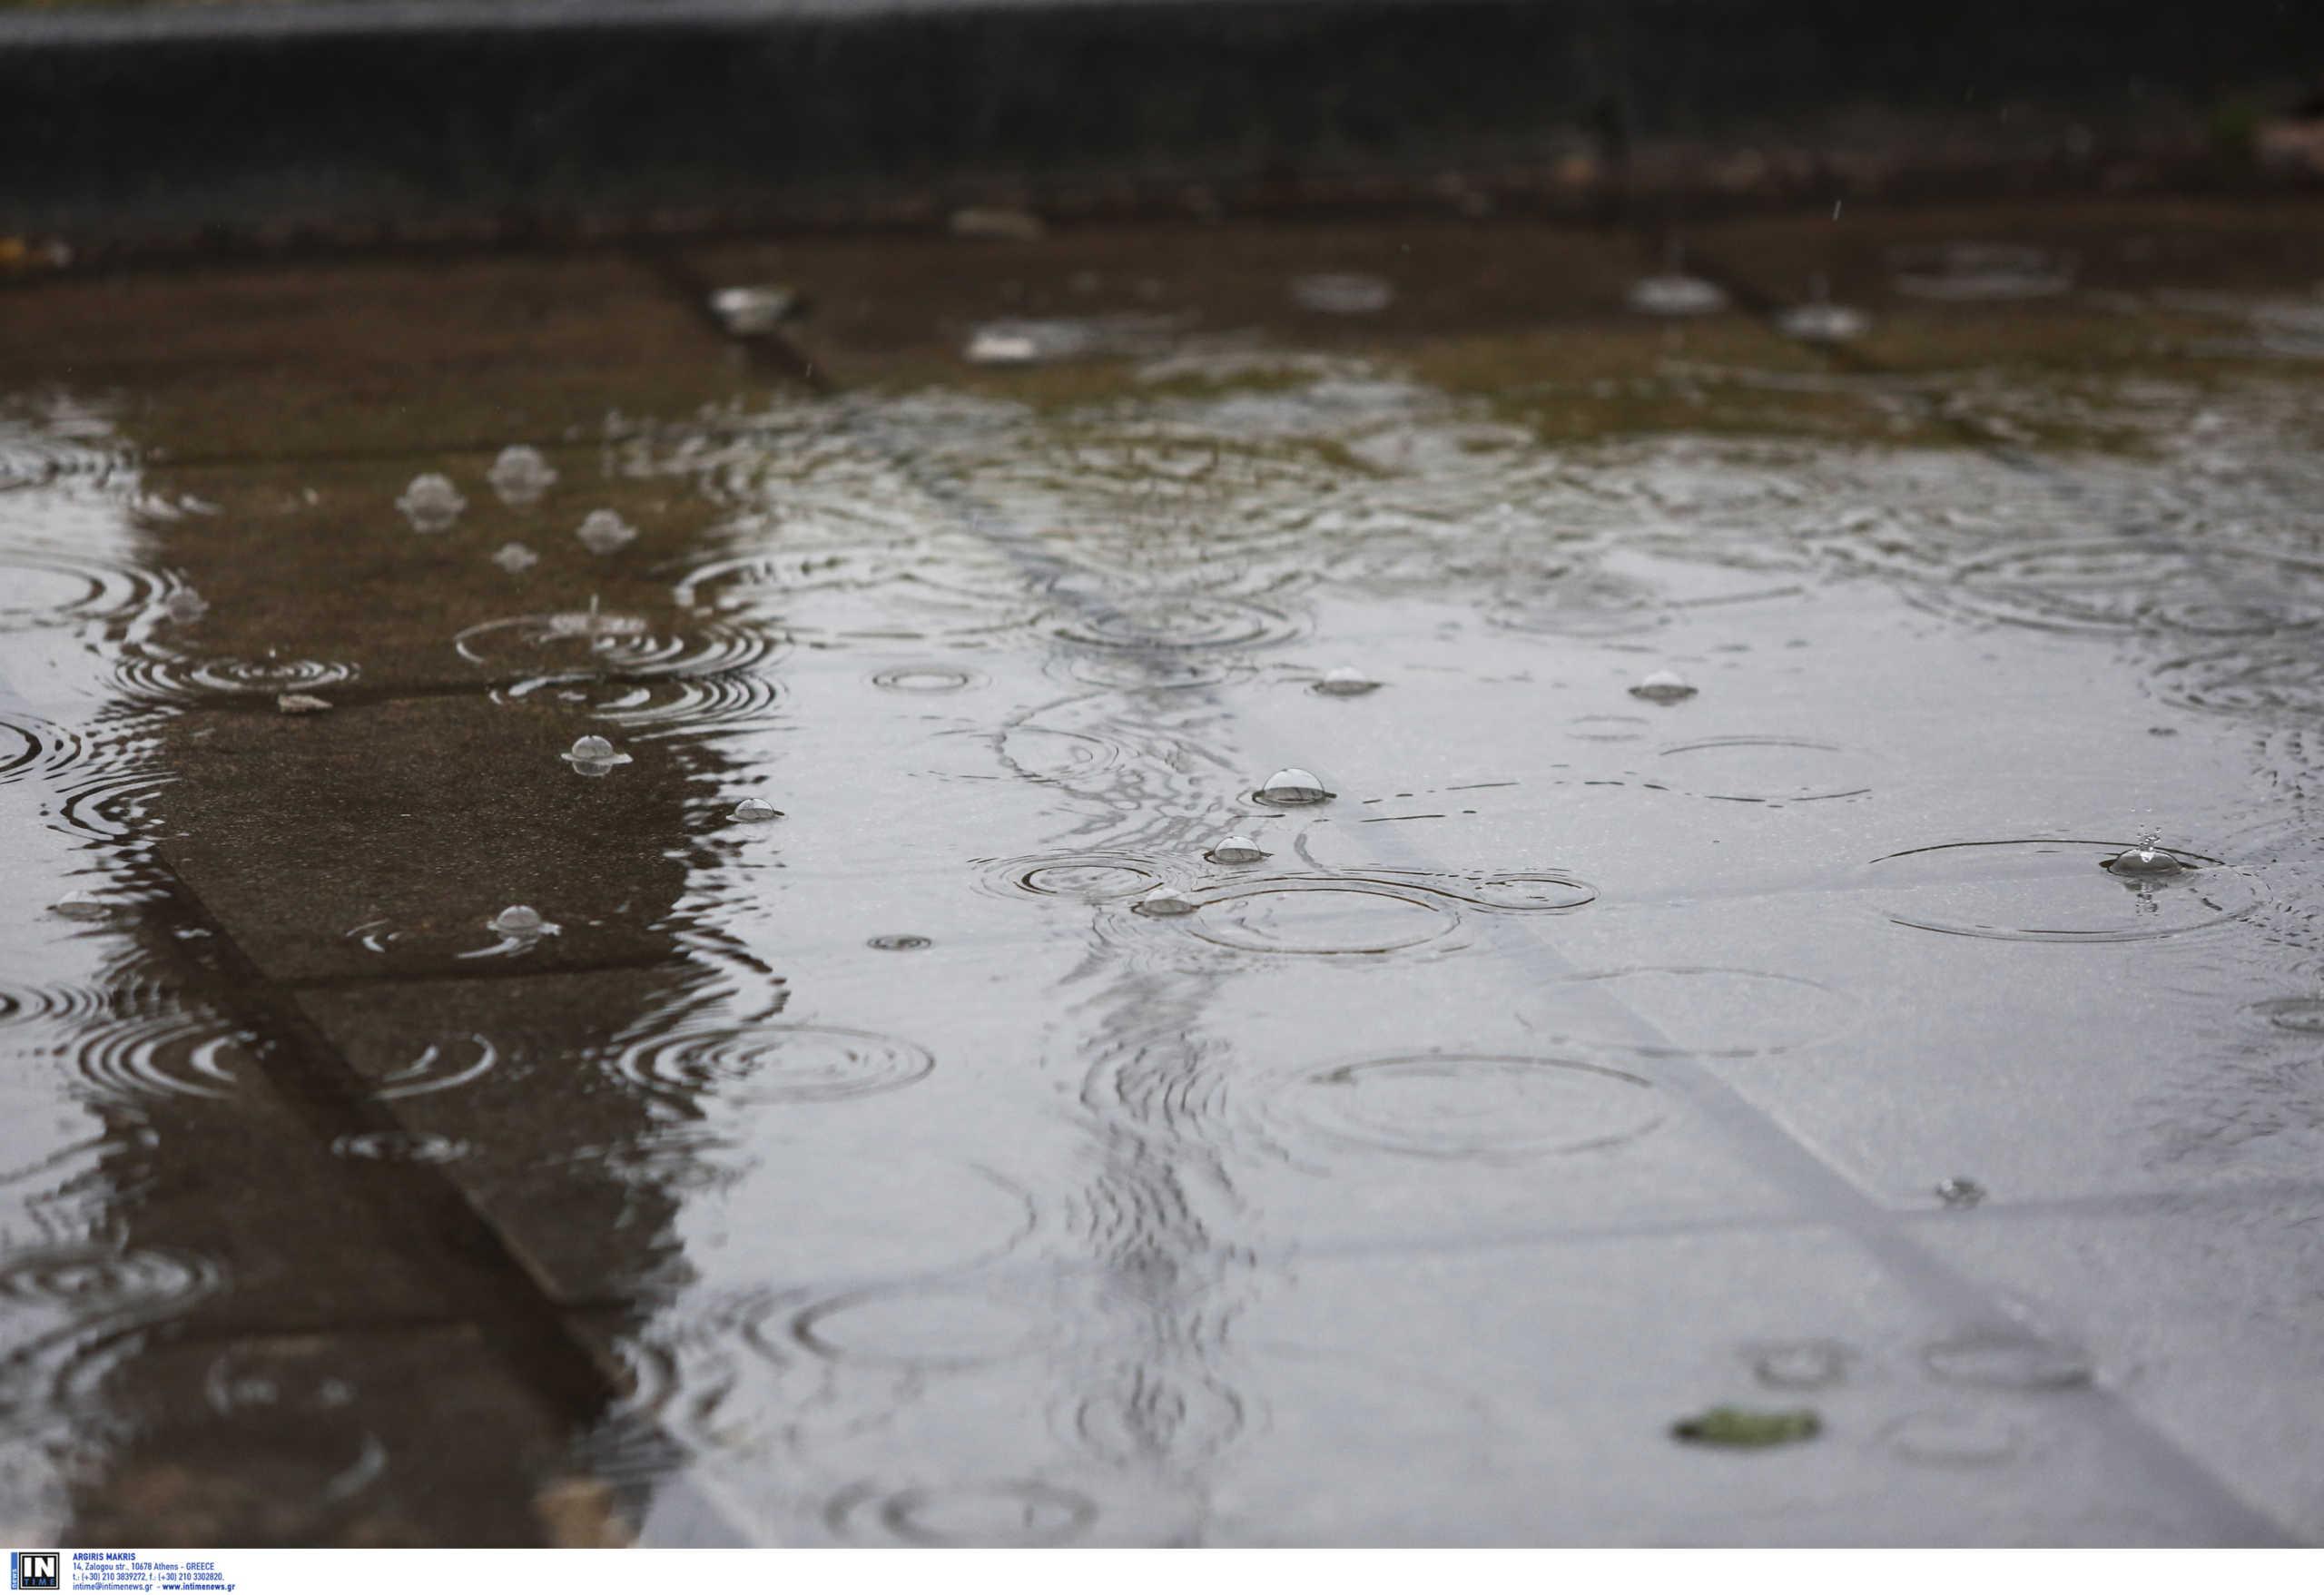 Καιρός σήμερα: Συννεφιασμένη Κυριακή με… πολλές βροχές – Αναλυτική πρόγνωση